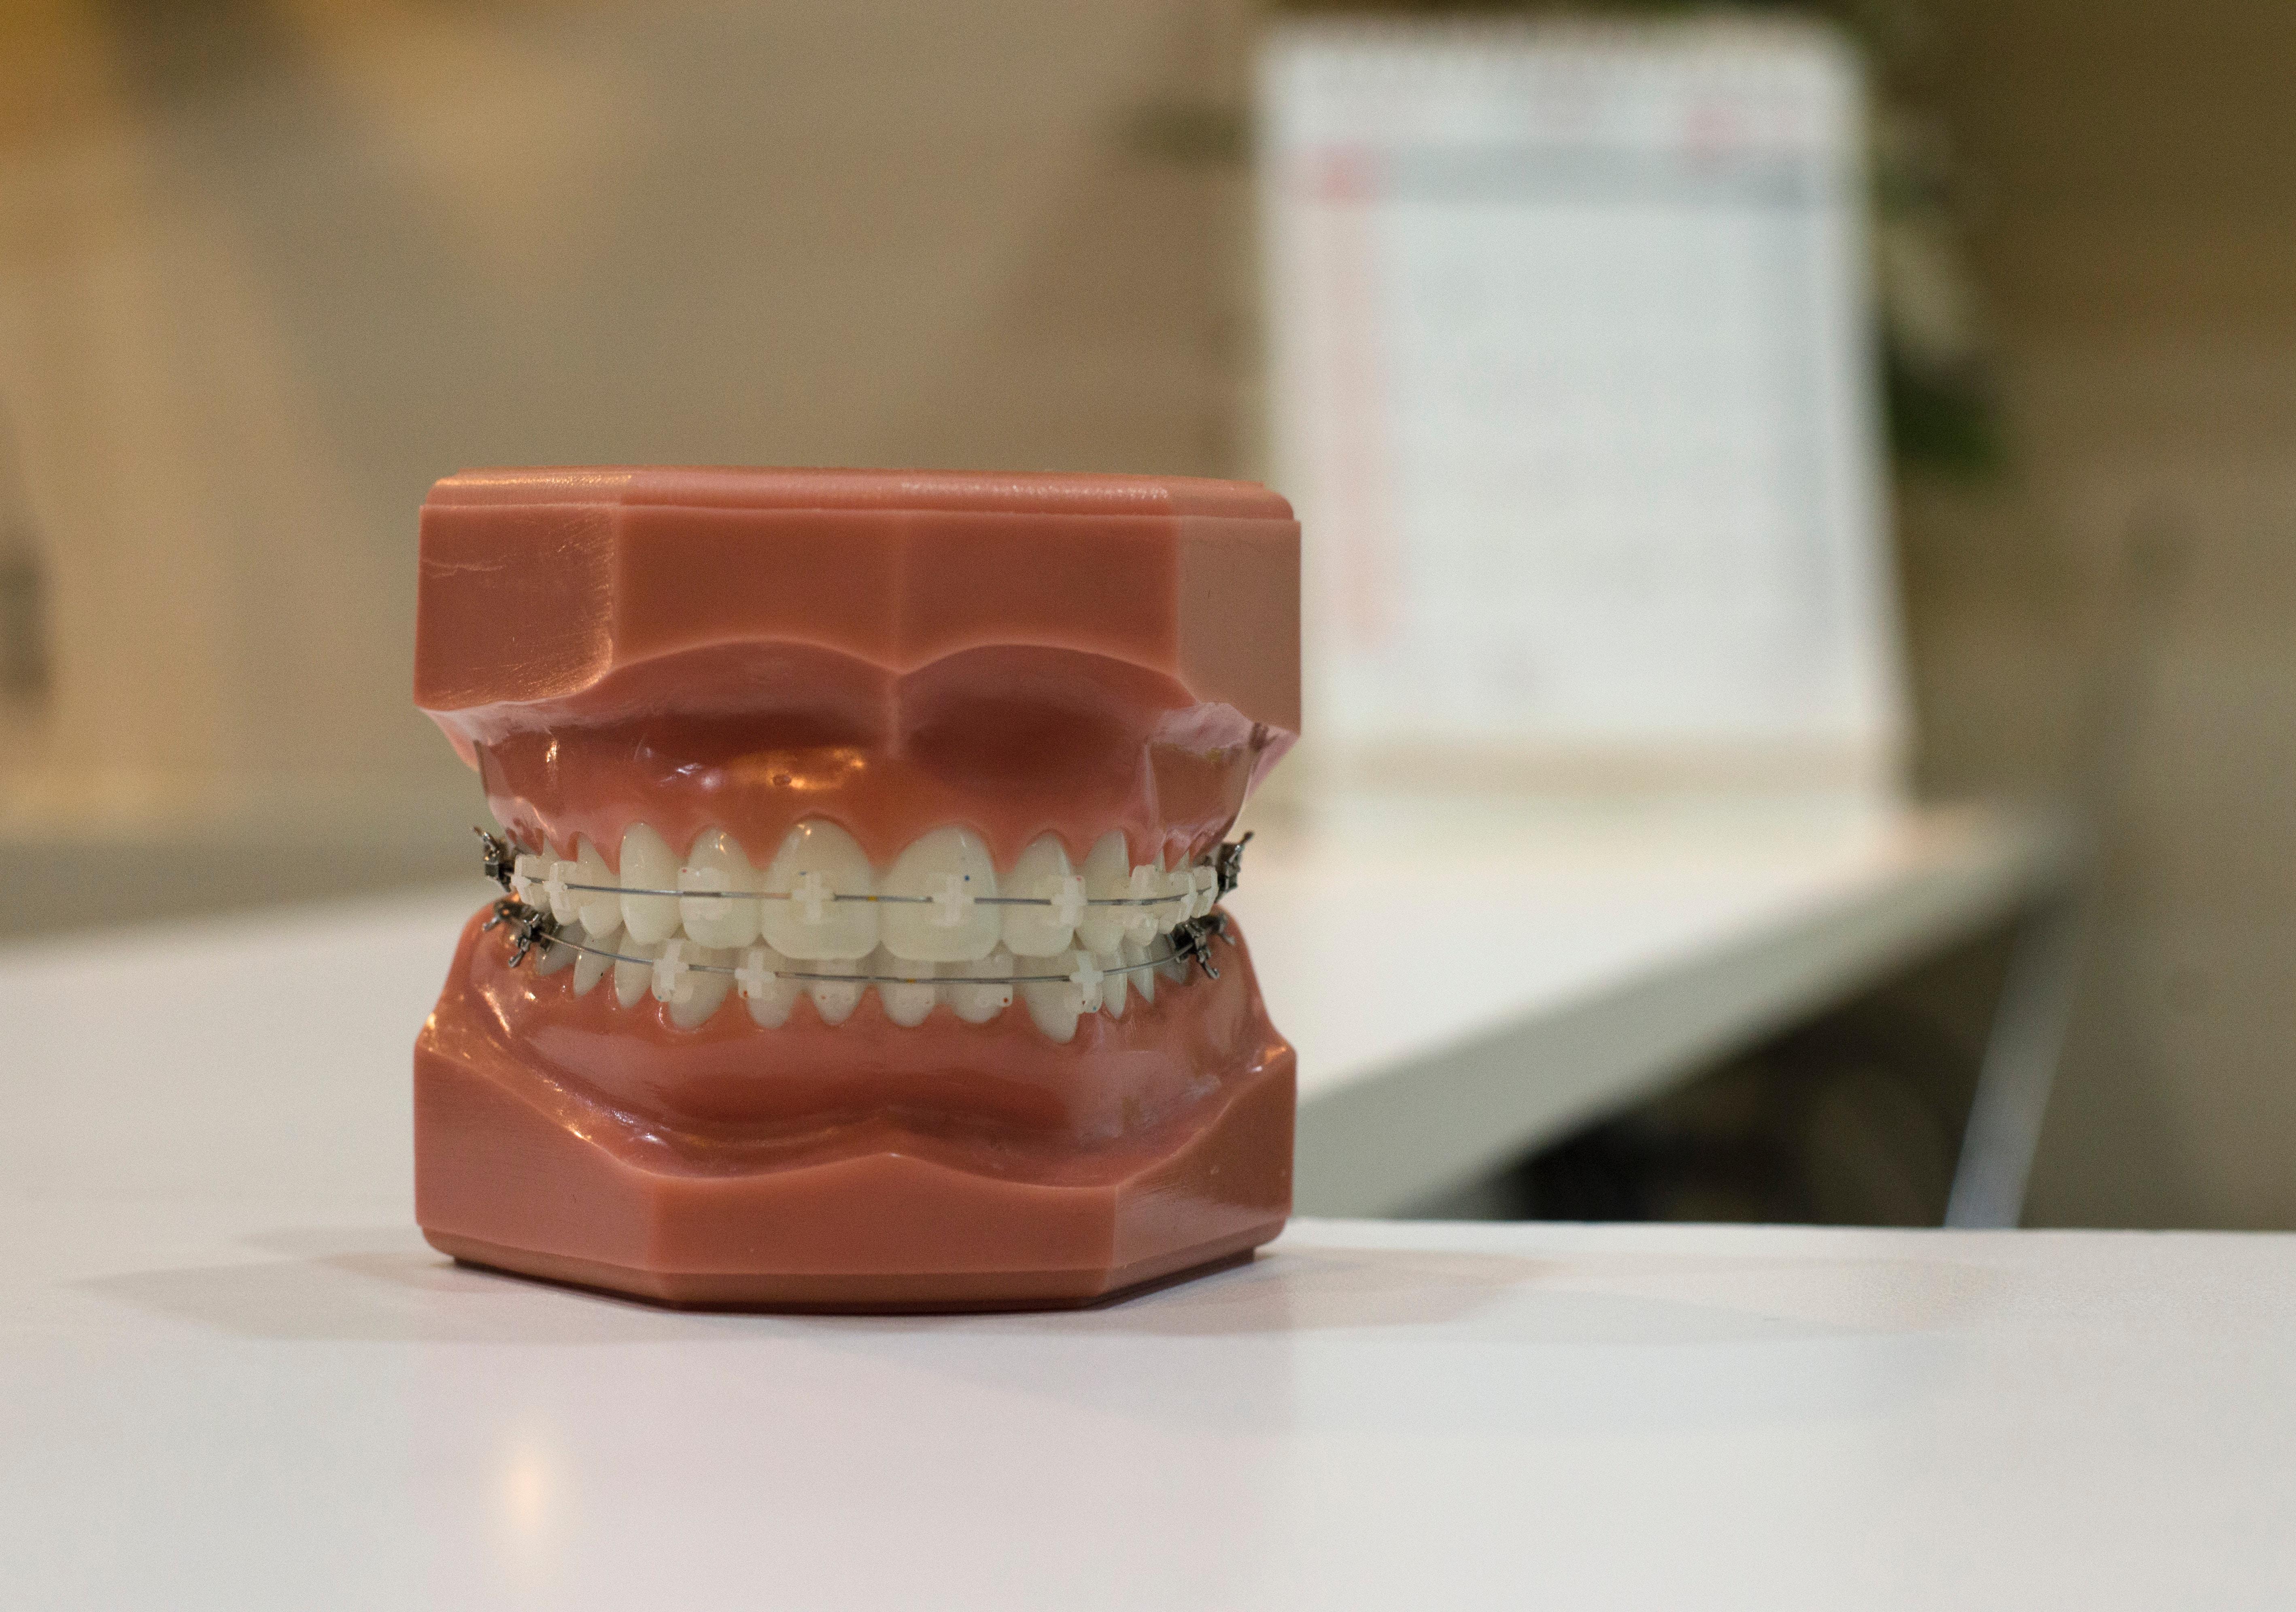 Procedimientos Estéticos Dentales